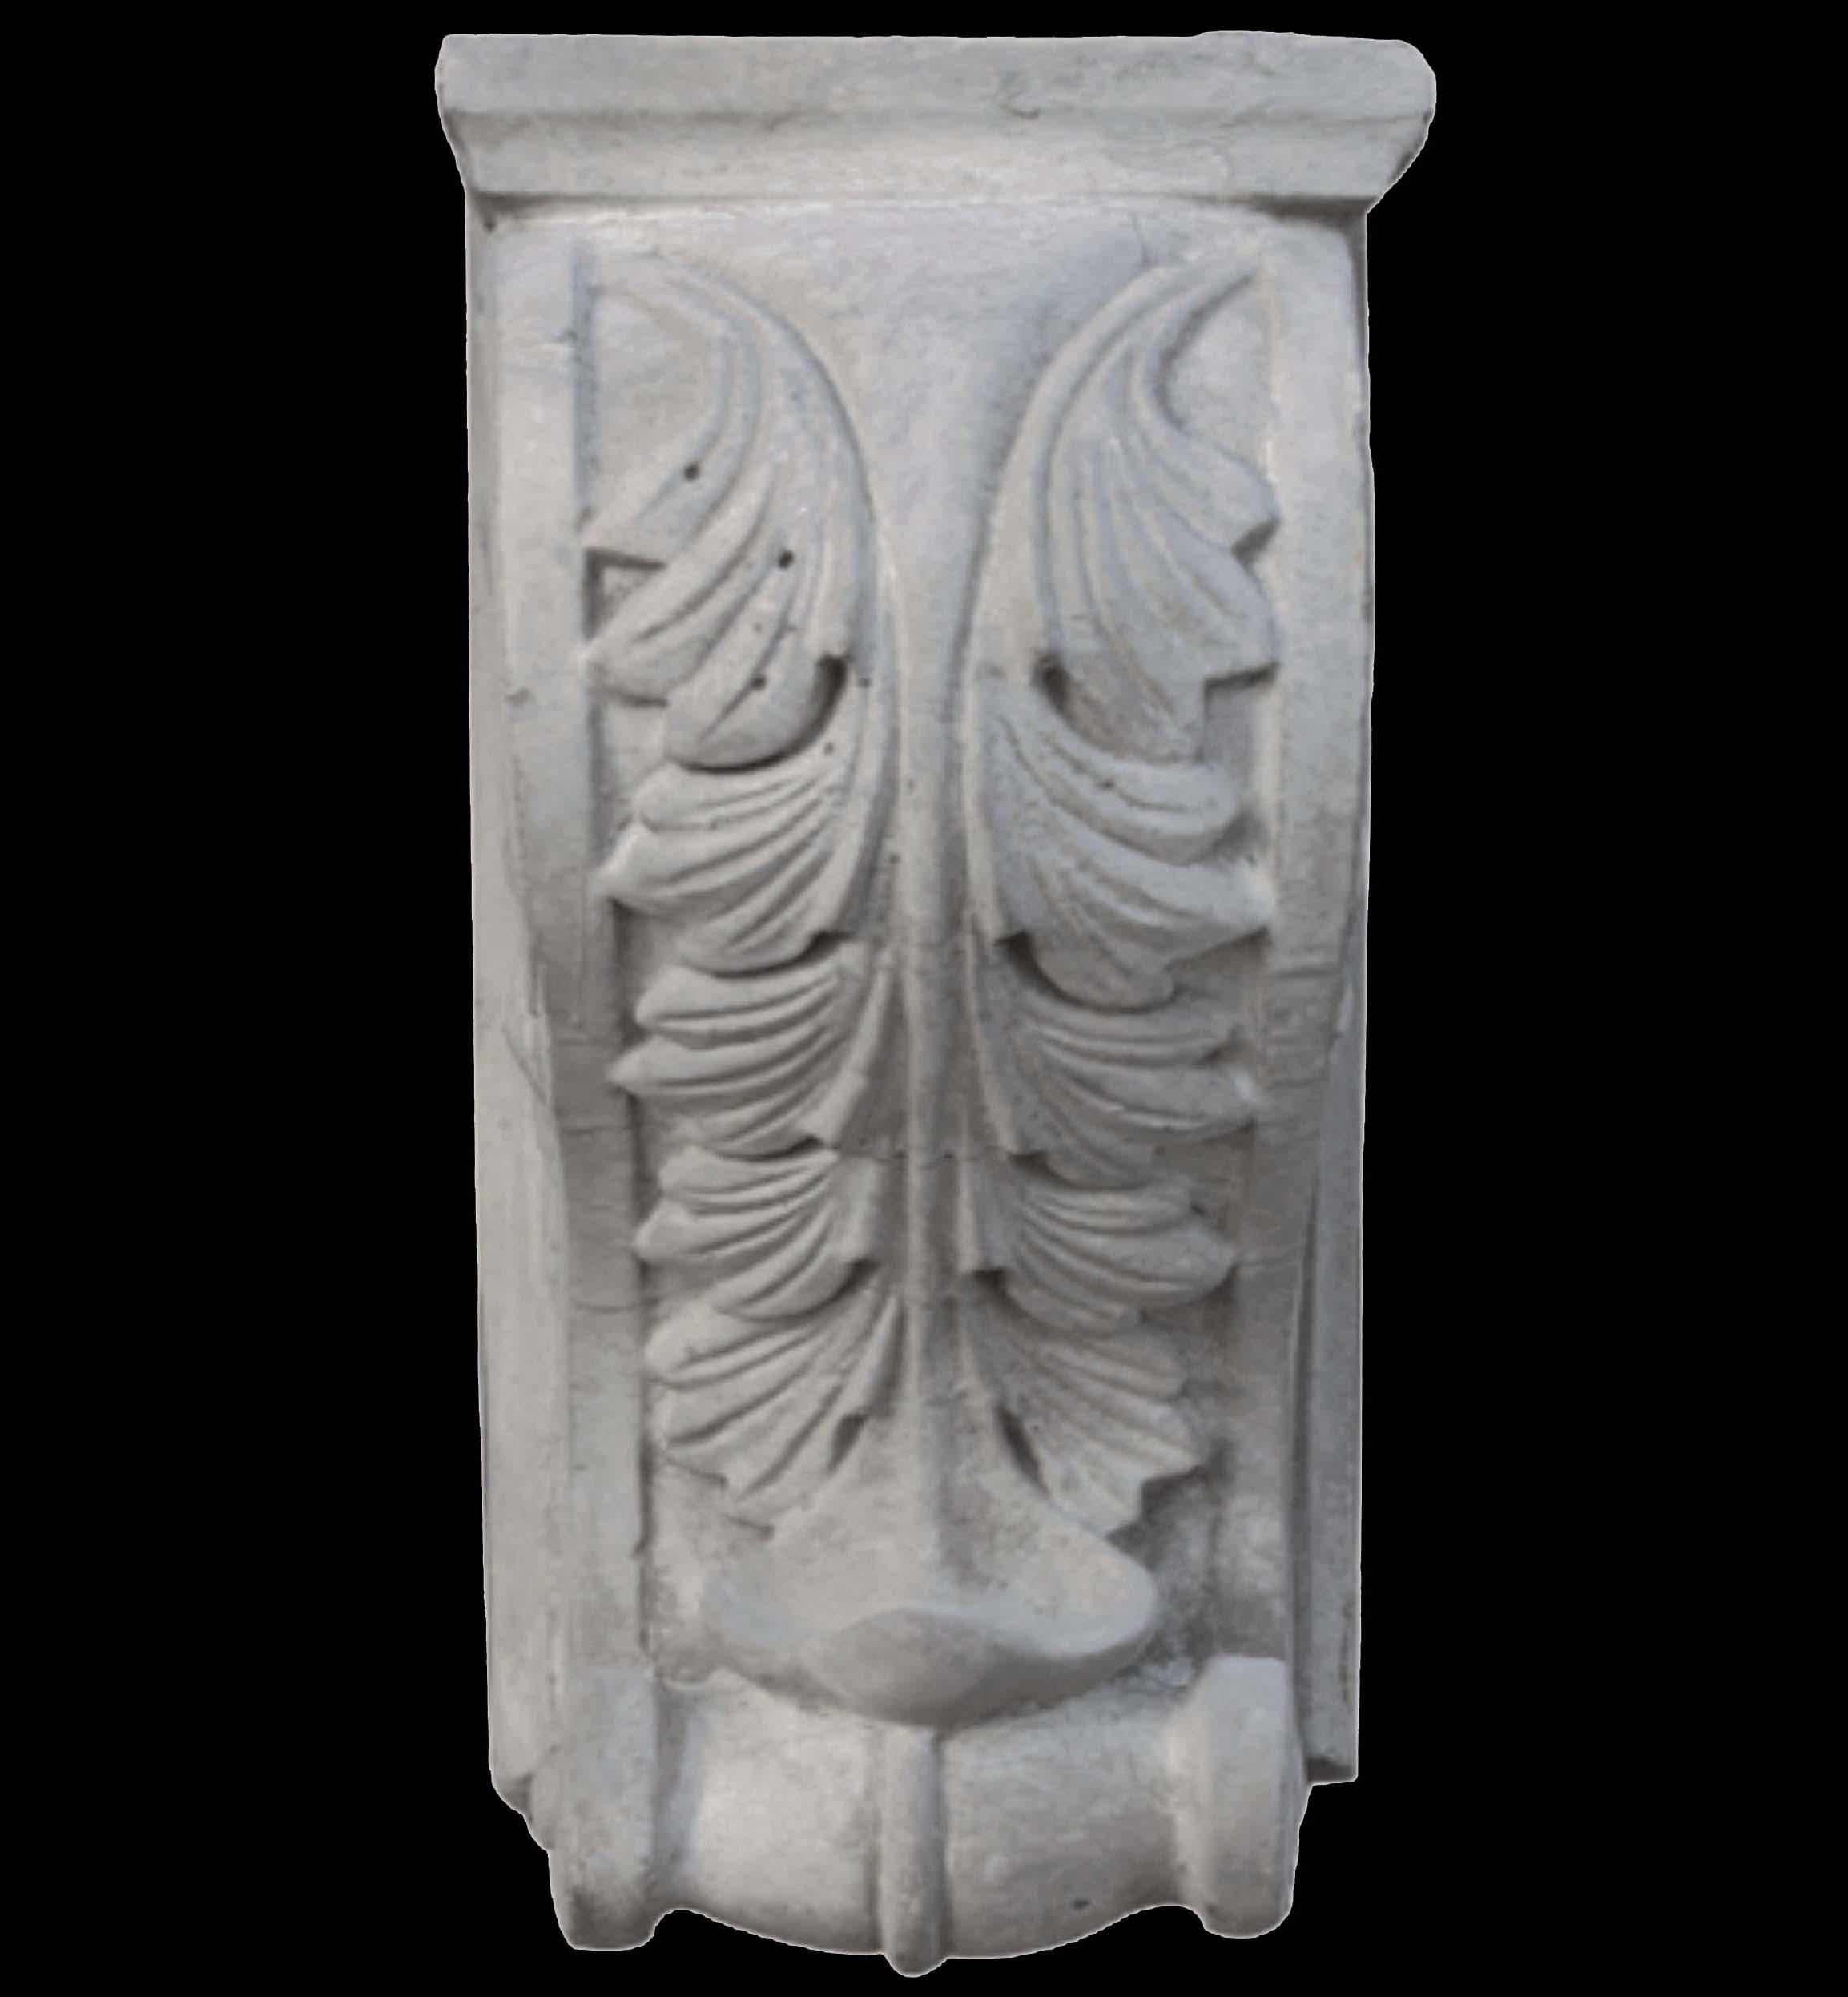 石膏线具有各种花纹样式,大小,厚度等作为选择,而且价格不贵